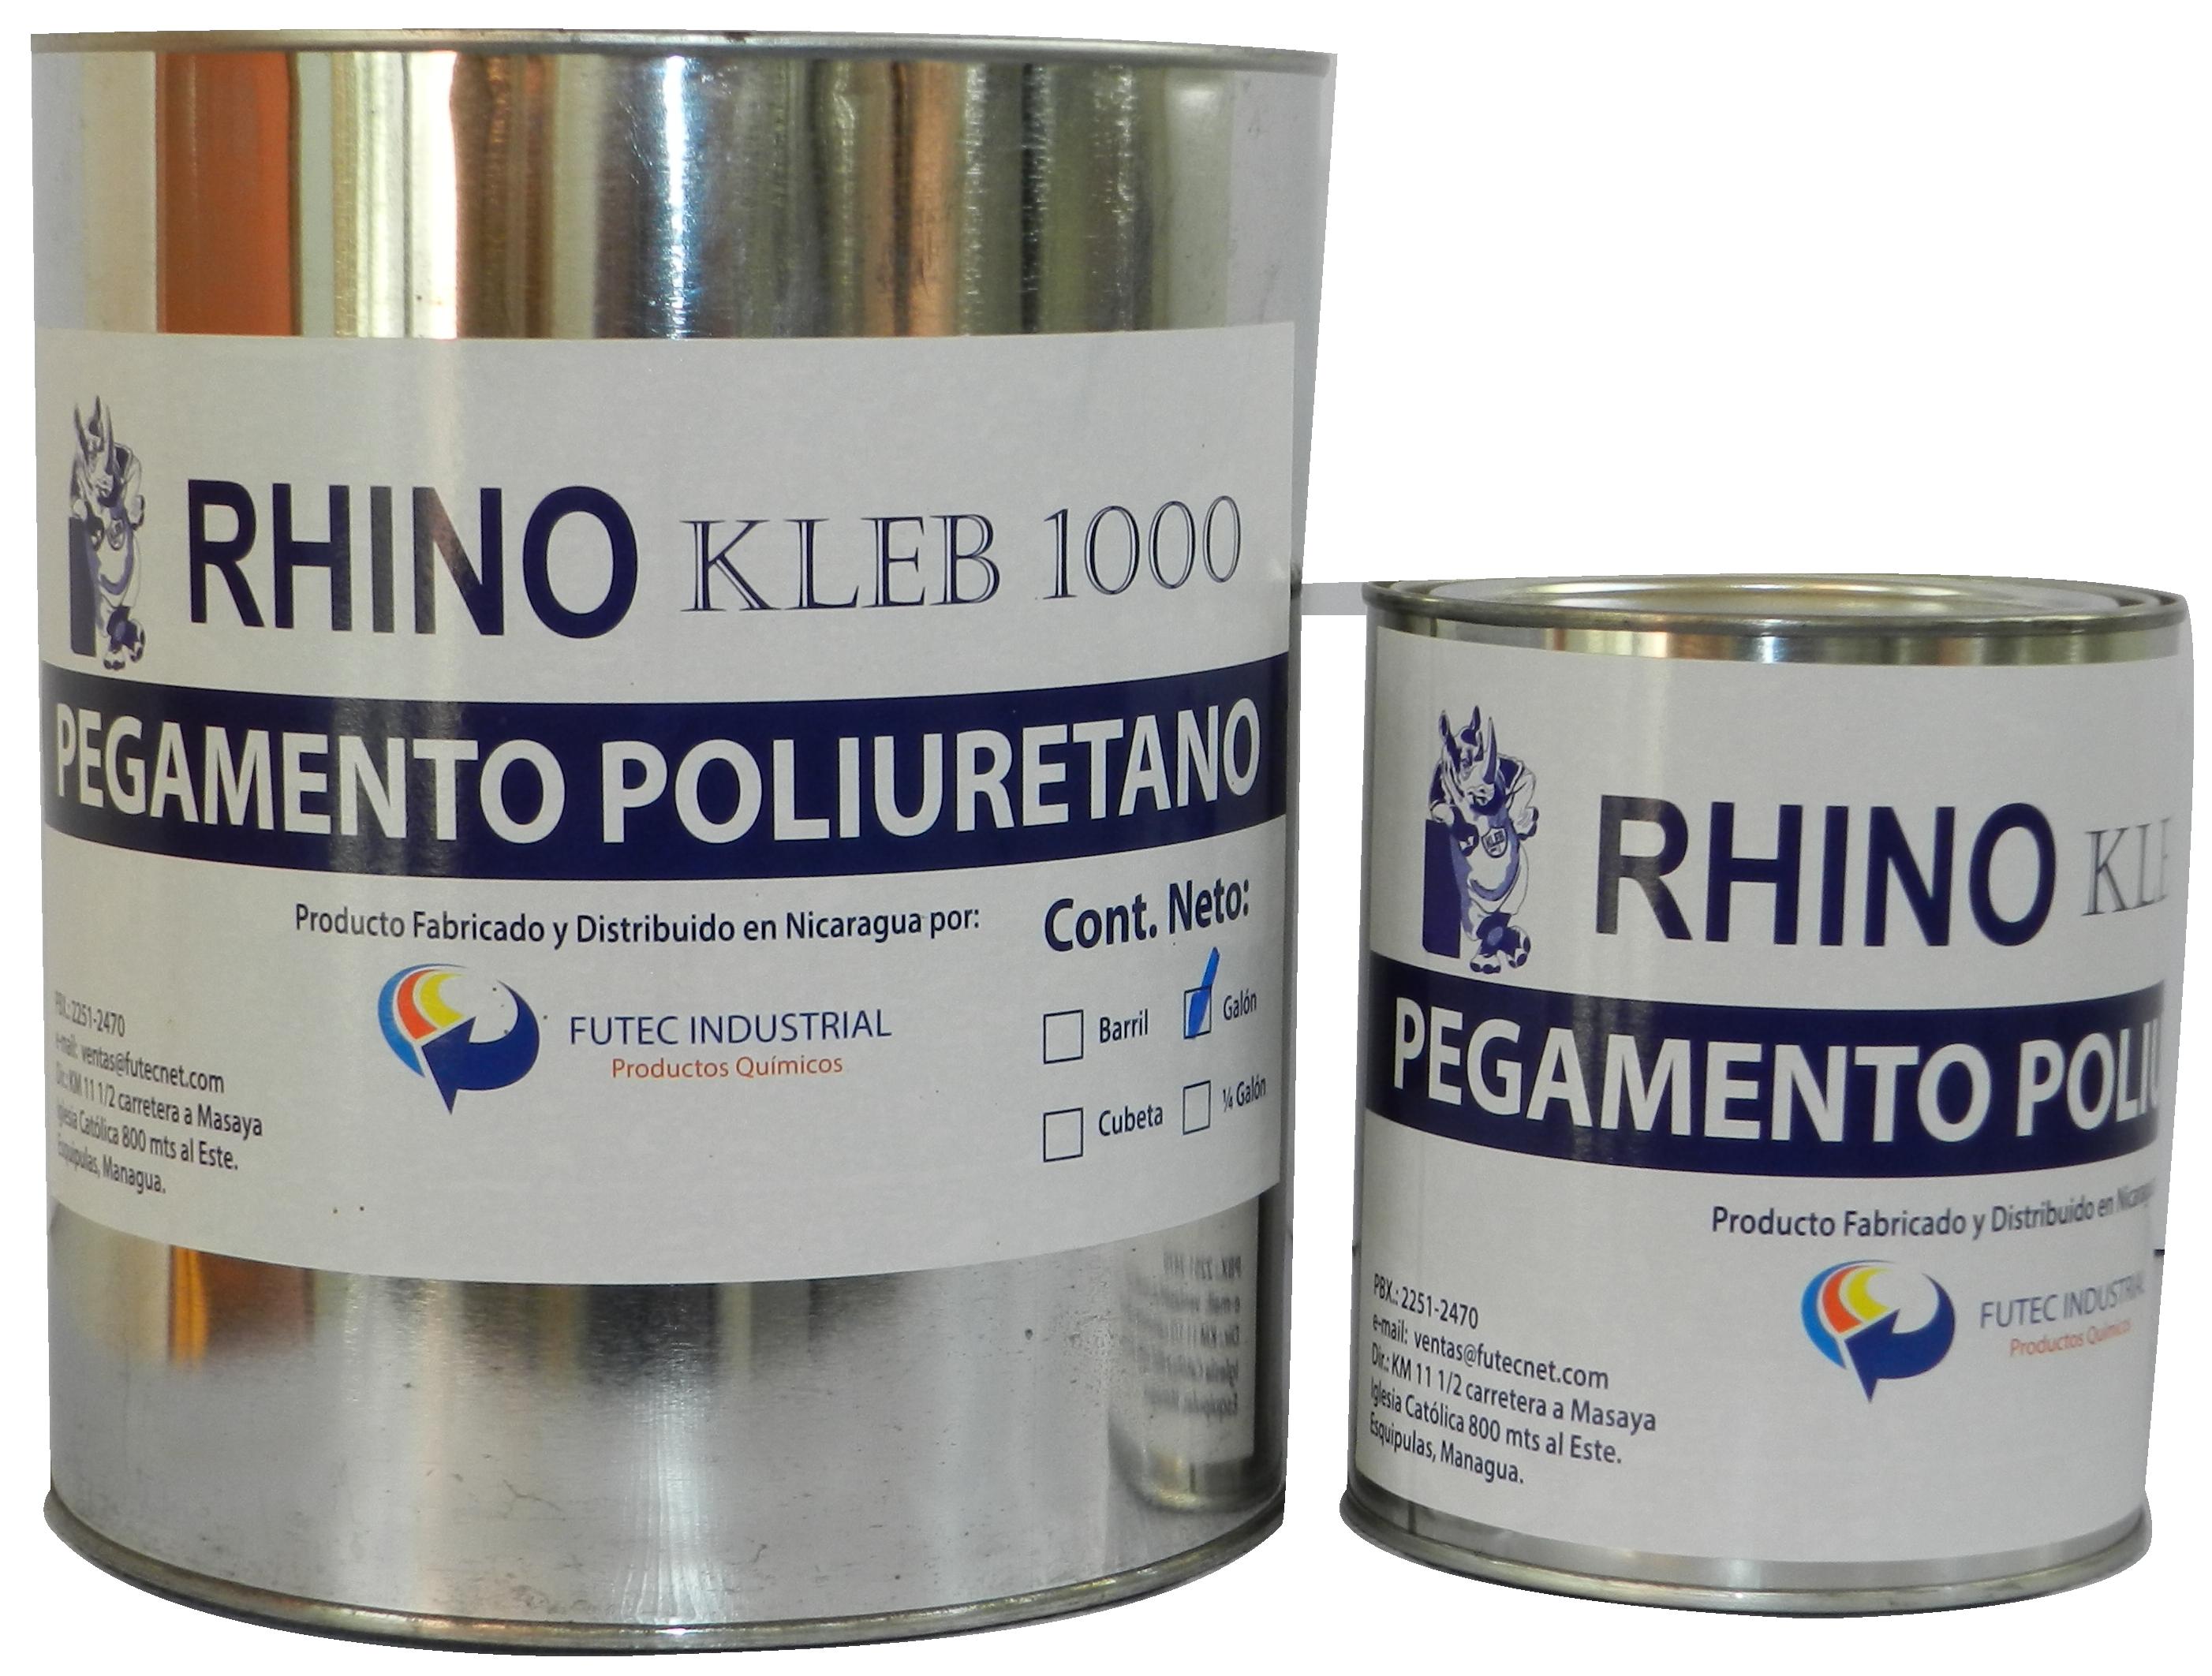 Rhino Kleb 1000